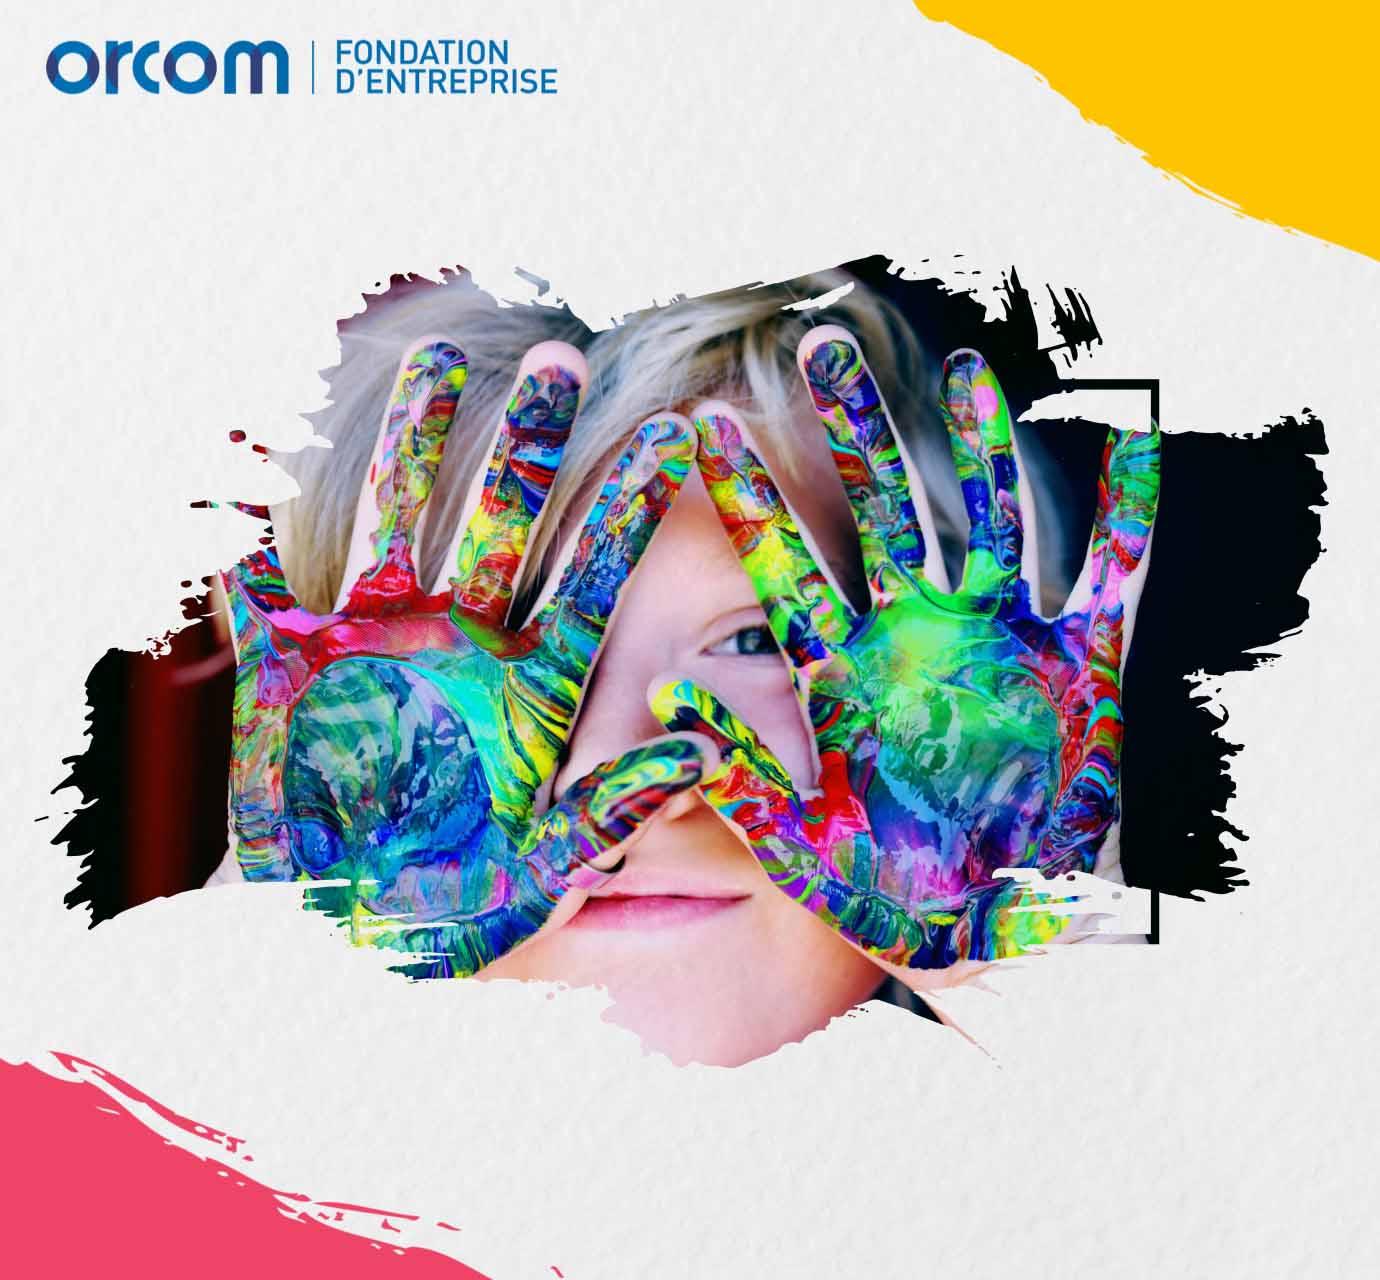 Image pour lancer la vidéo de présentation dela fondation ORCOM